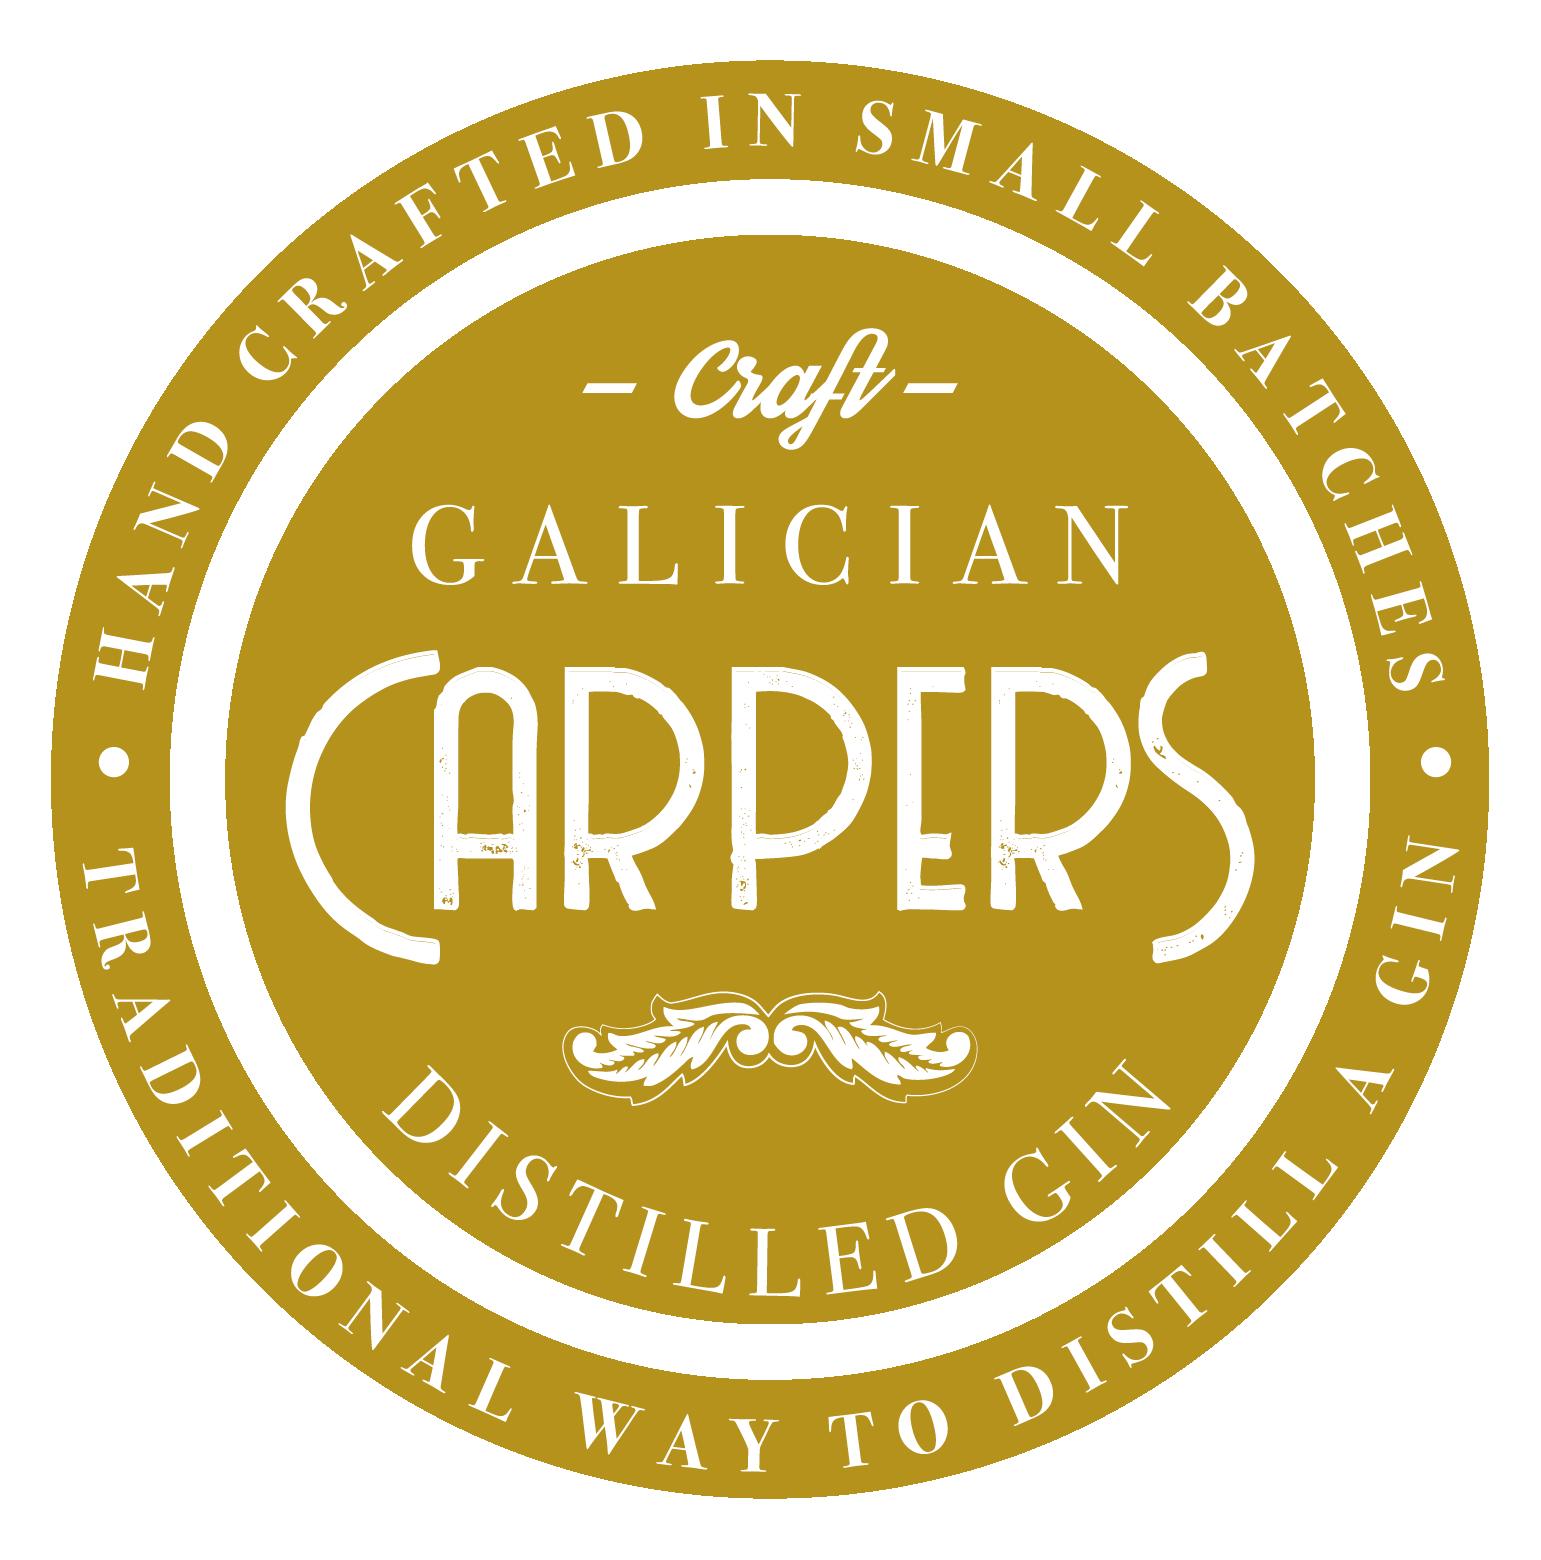 Carpers Gin